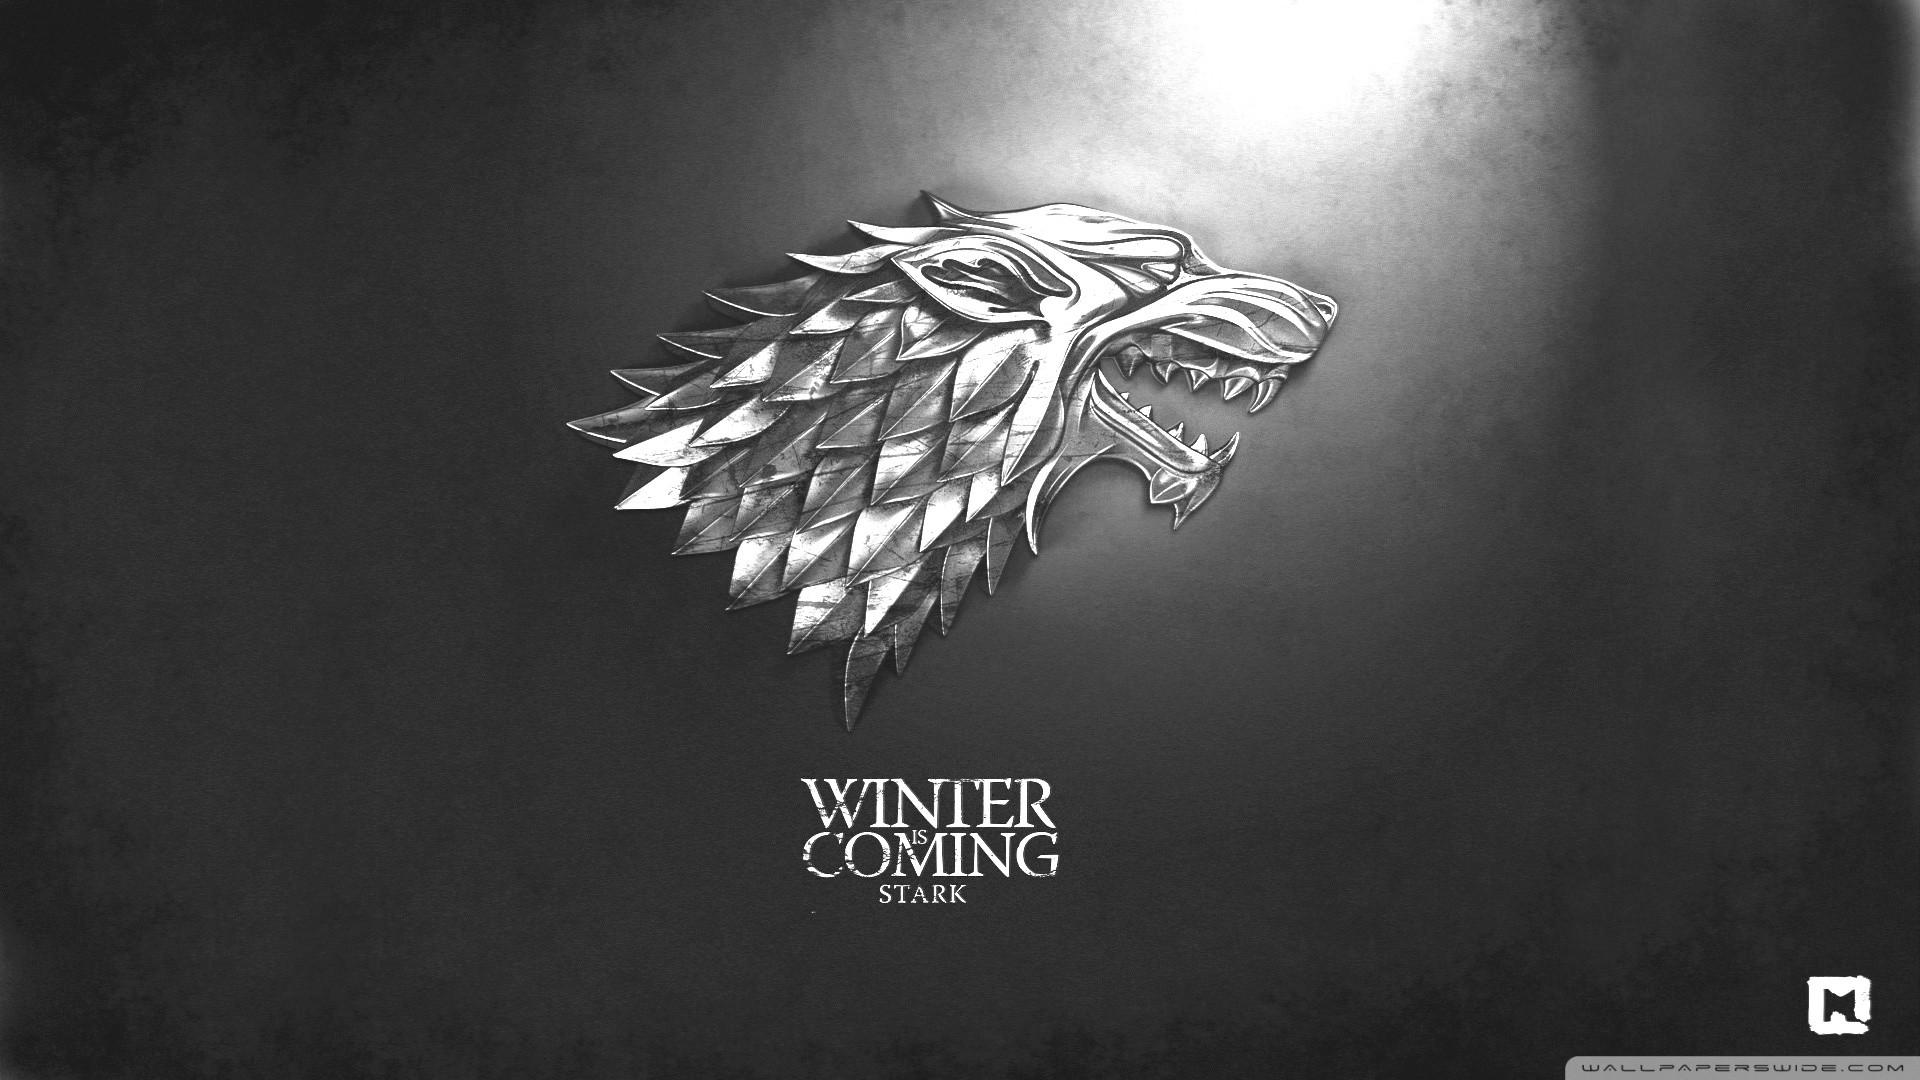 Game Of Thrones House Stark wallpaper